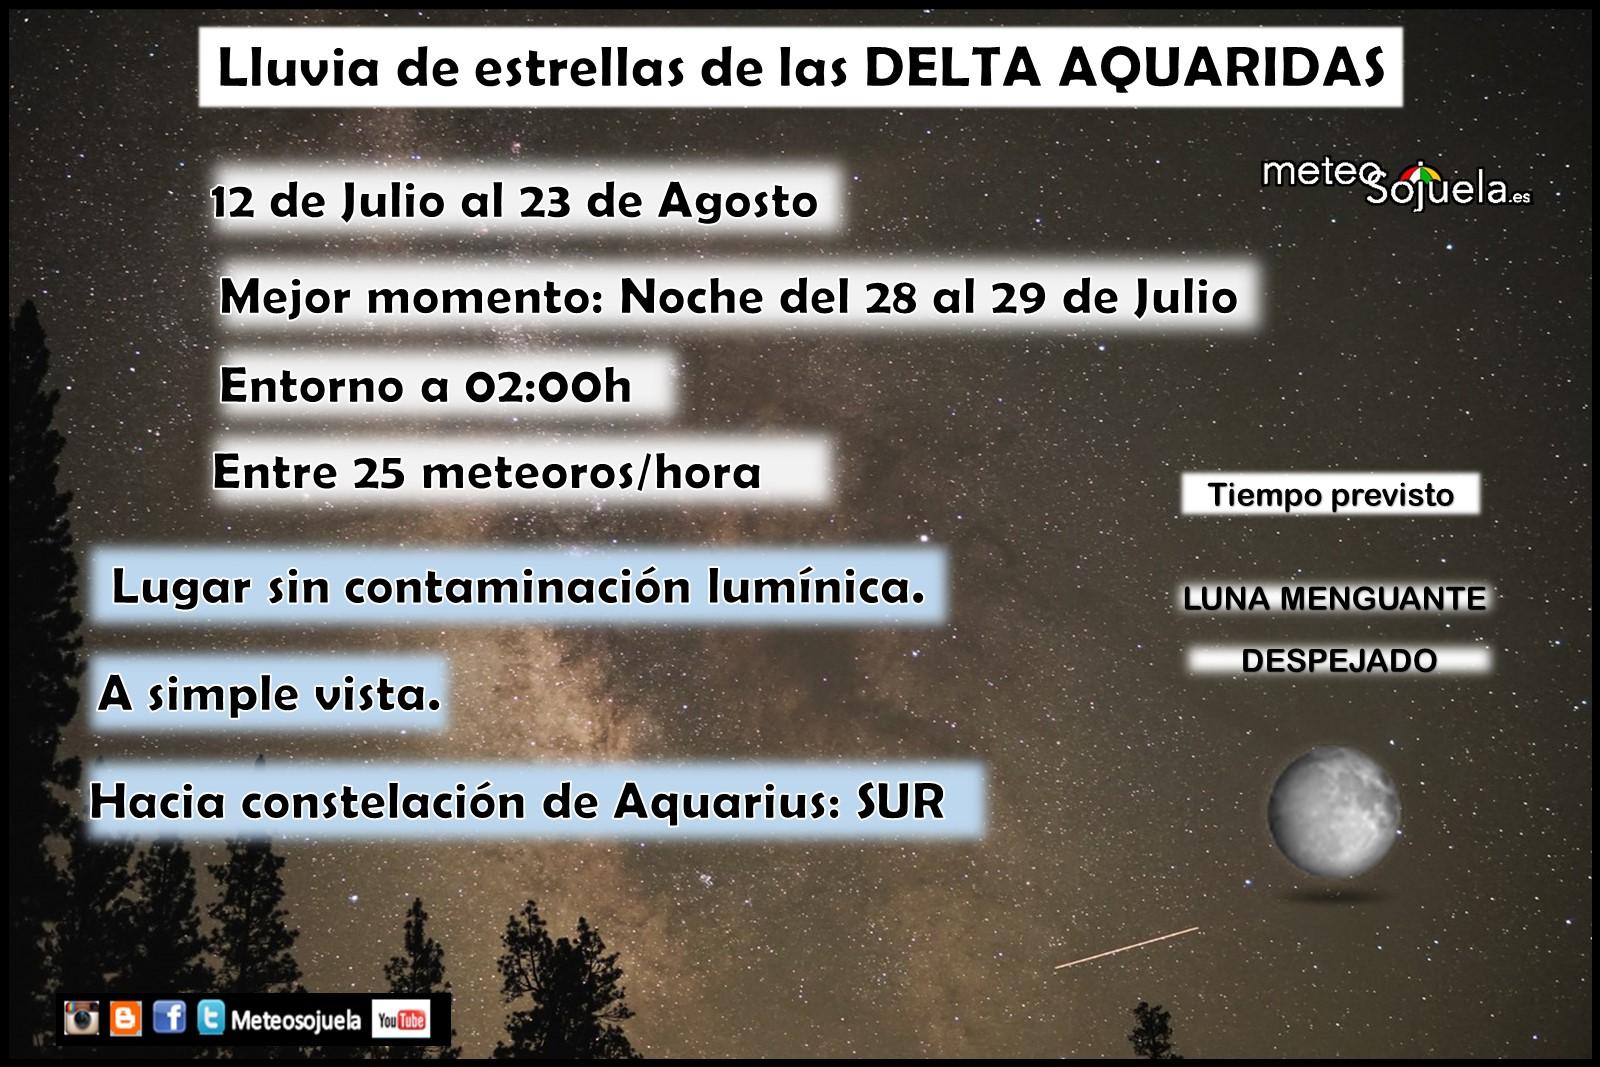 Guía Rápida de Observación de las Delta Aquaridas